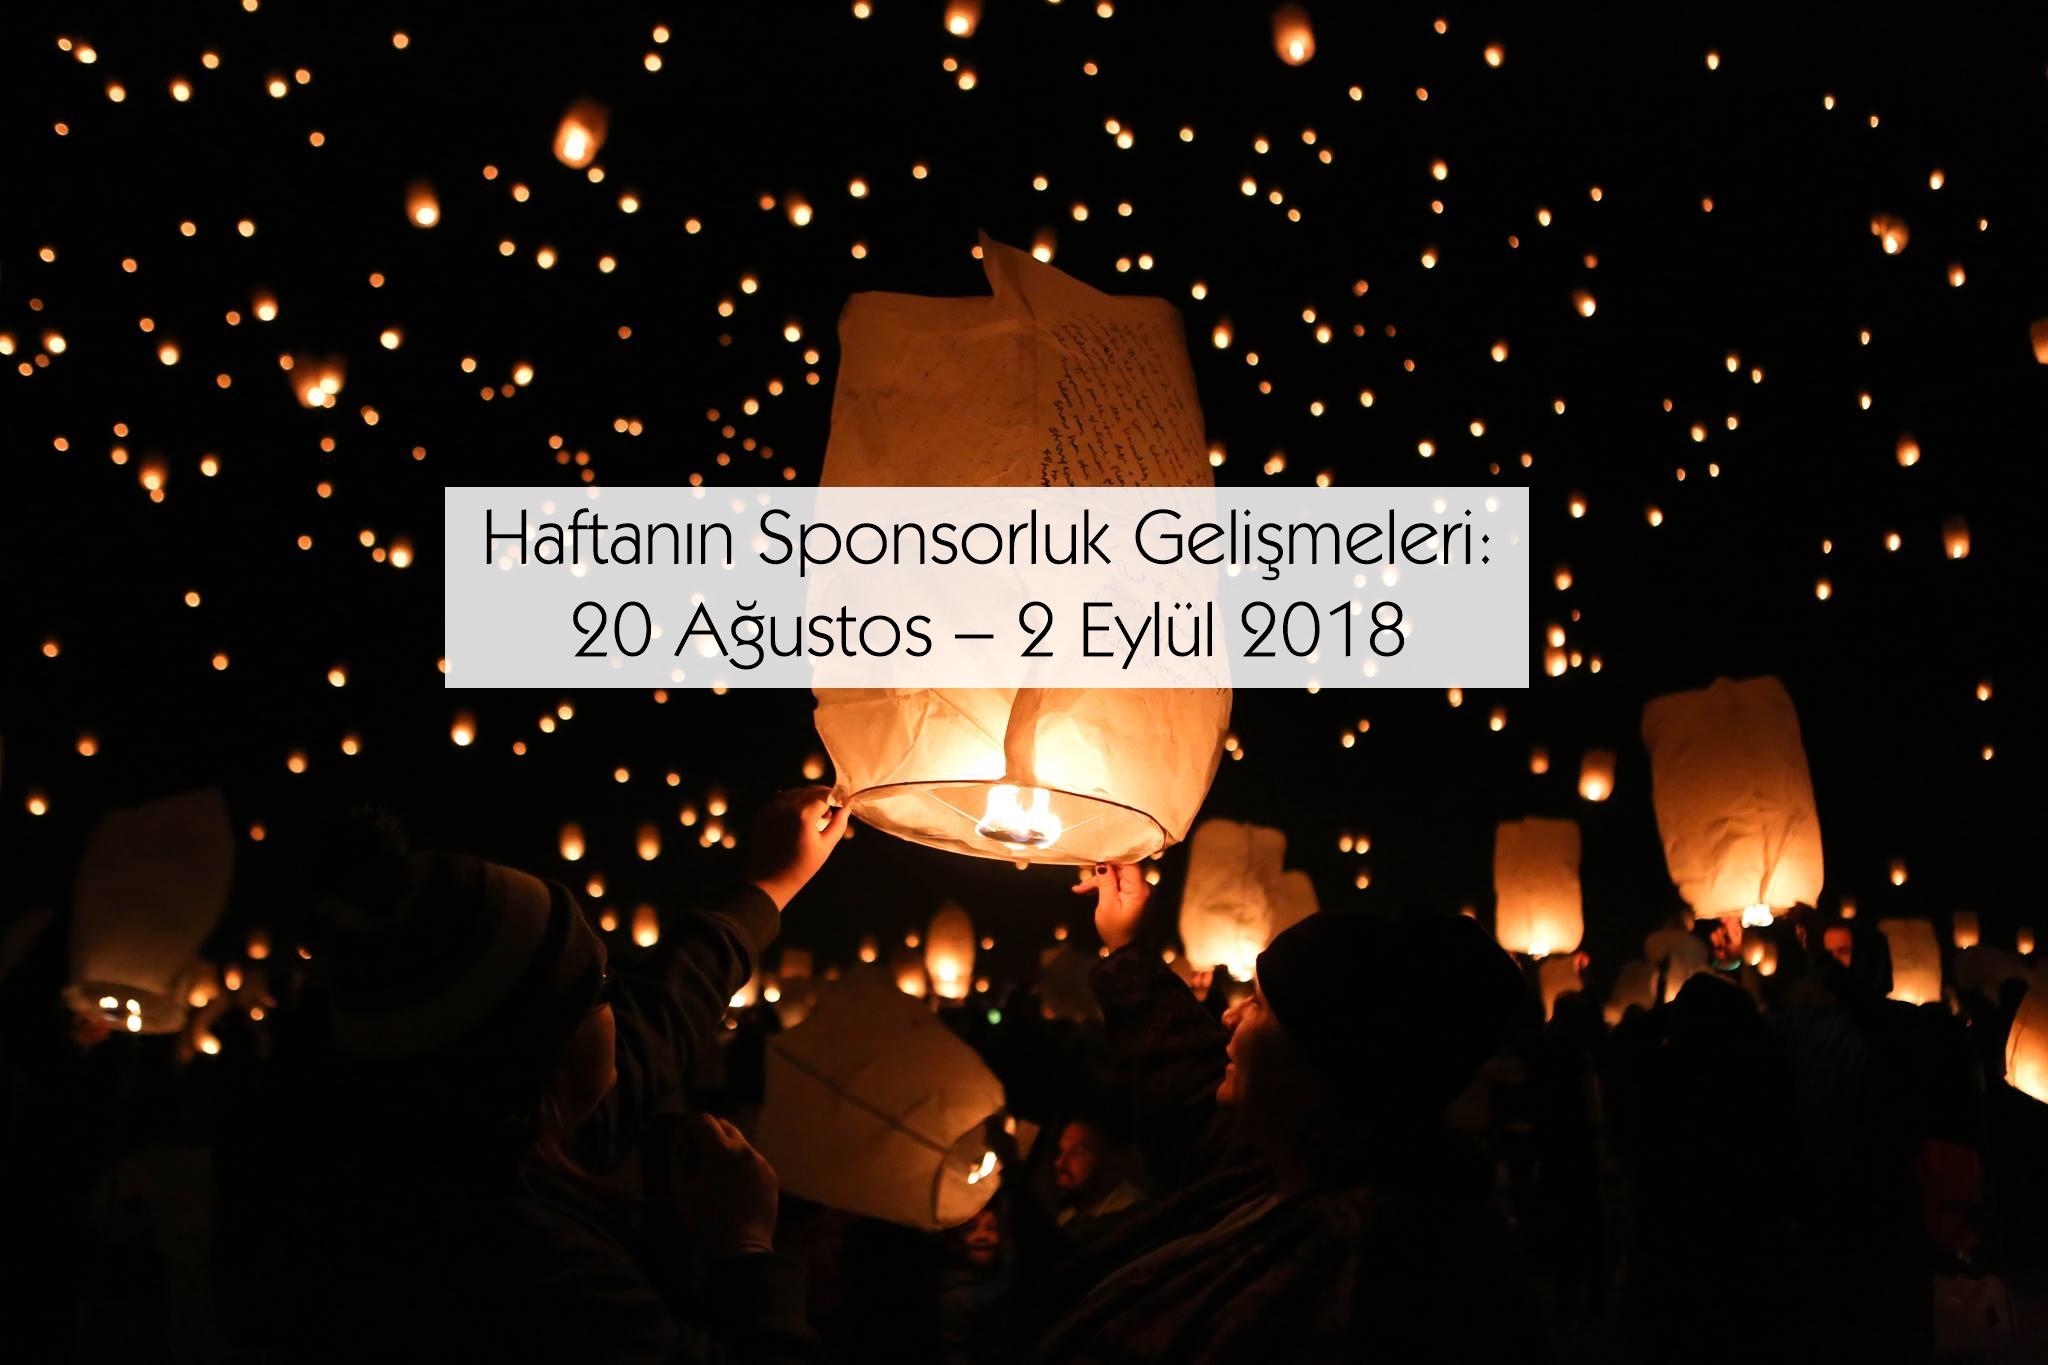 Haftanın Sponsorluk Gelişmeleri: 20 Ağustos – 2 Eylül 2018